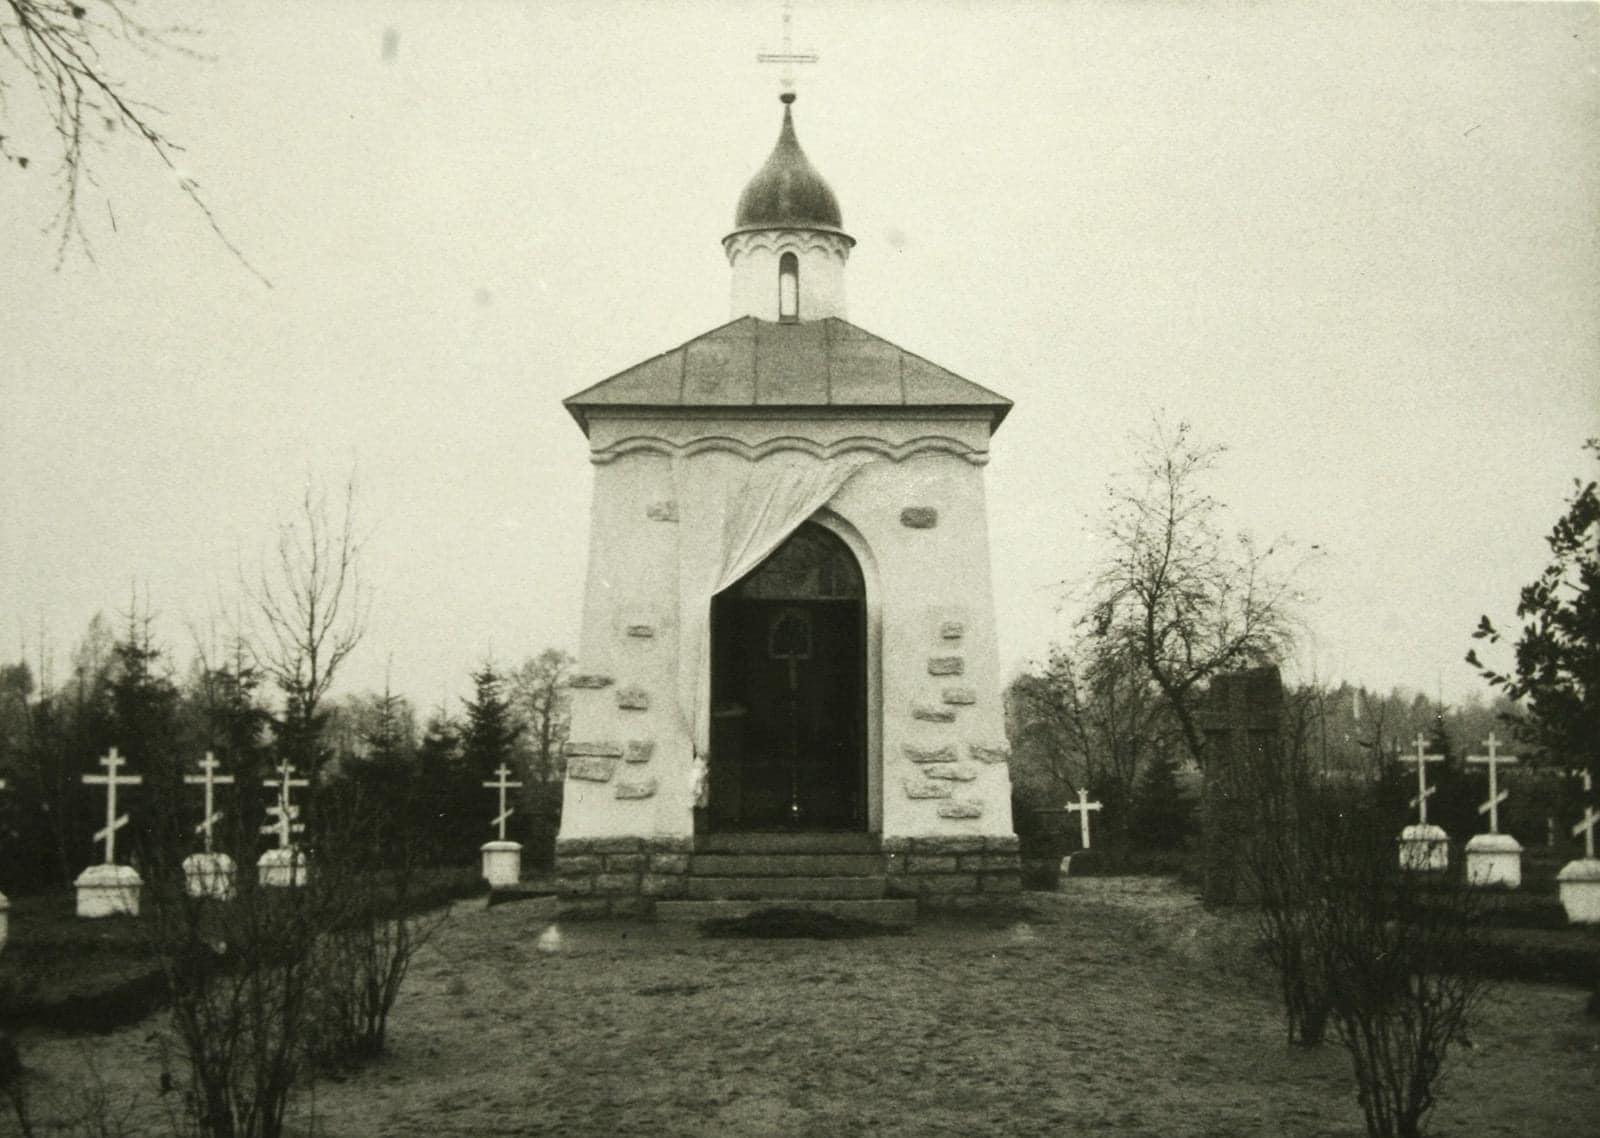 Часовня СЗА на кладбище в Копли 25 октября 1936 года.